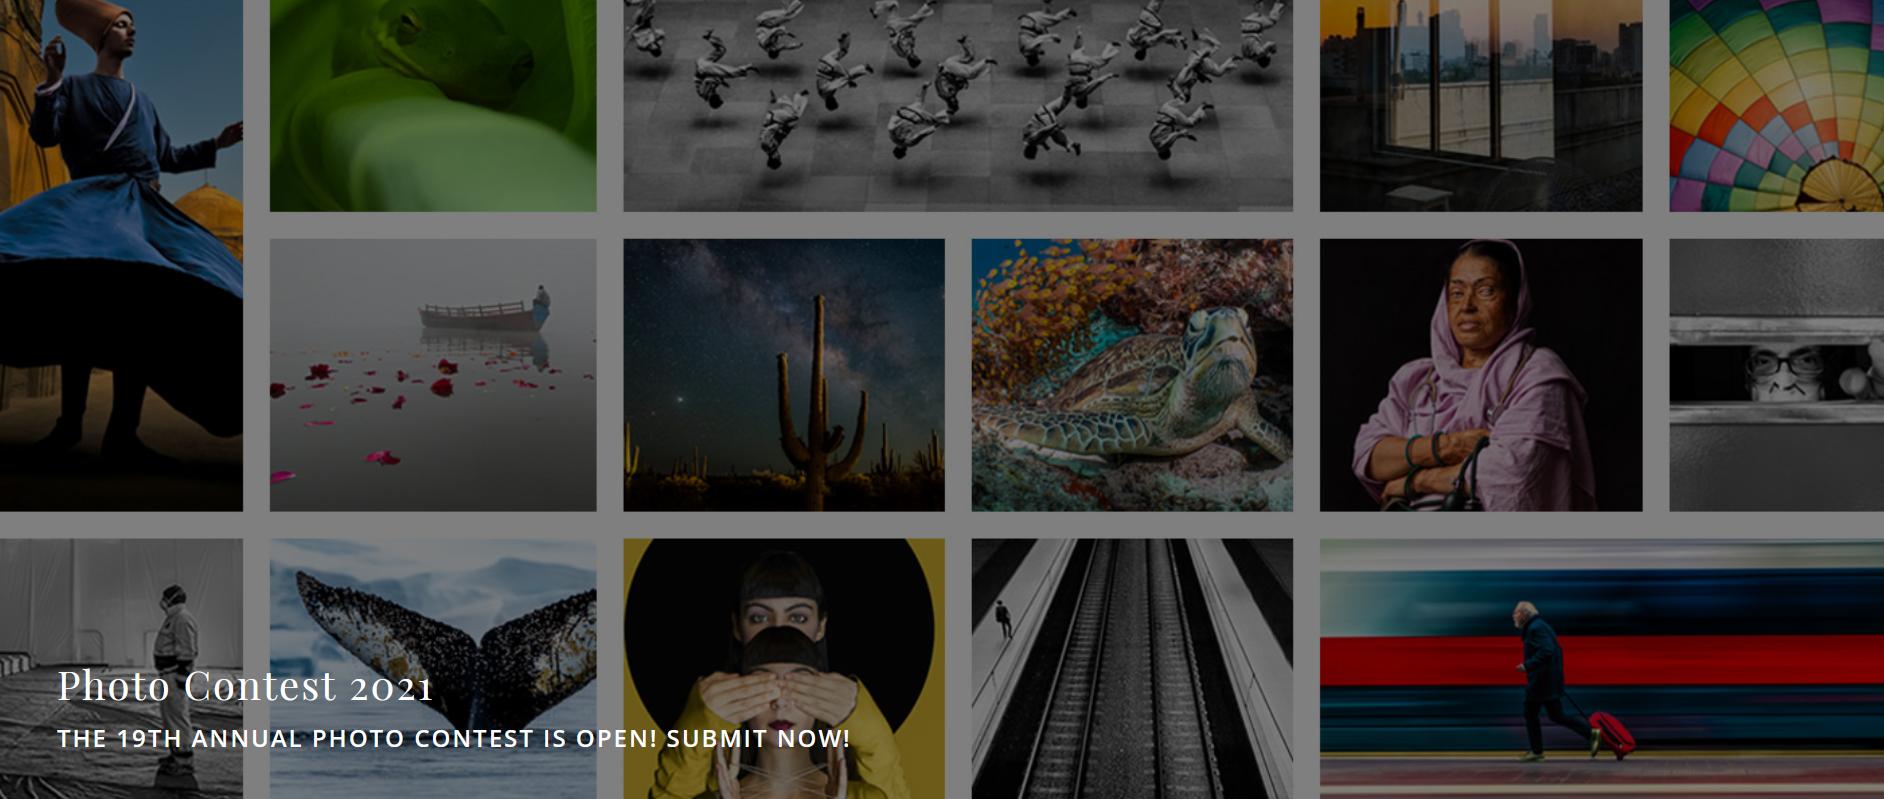 فراخوان نوزدهمین مسابقه عکس سالانه مجله Smithsonian